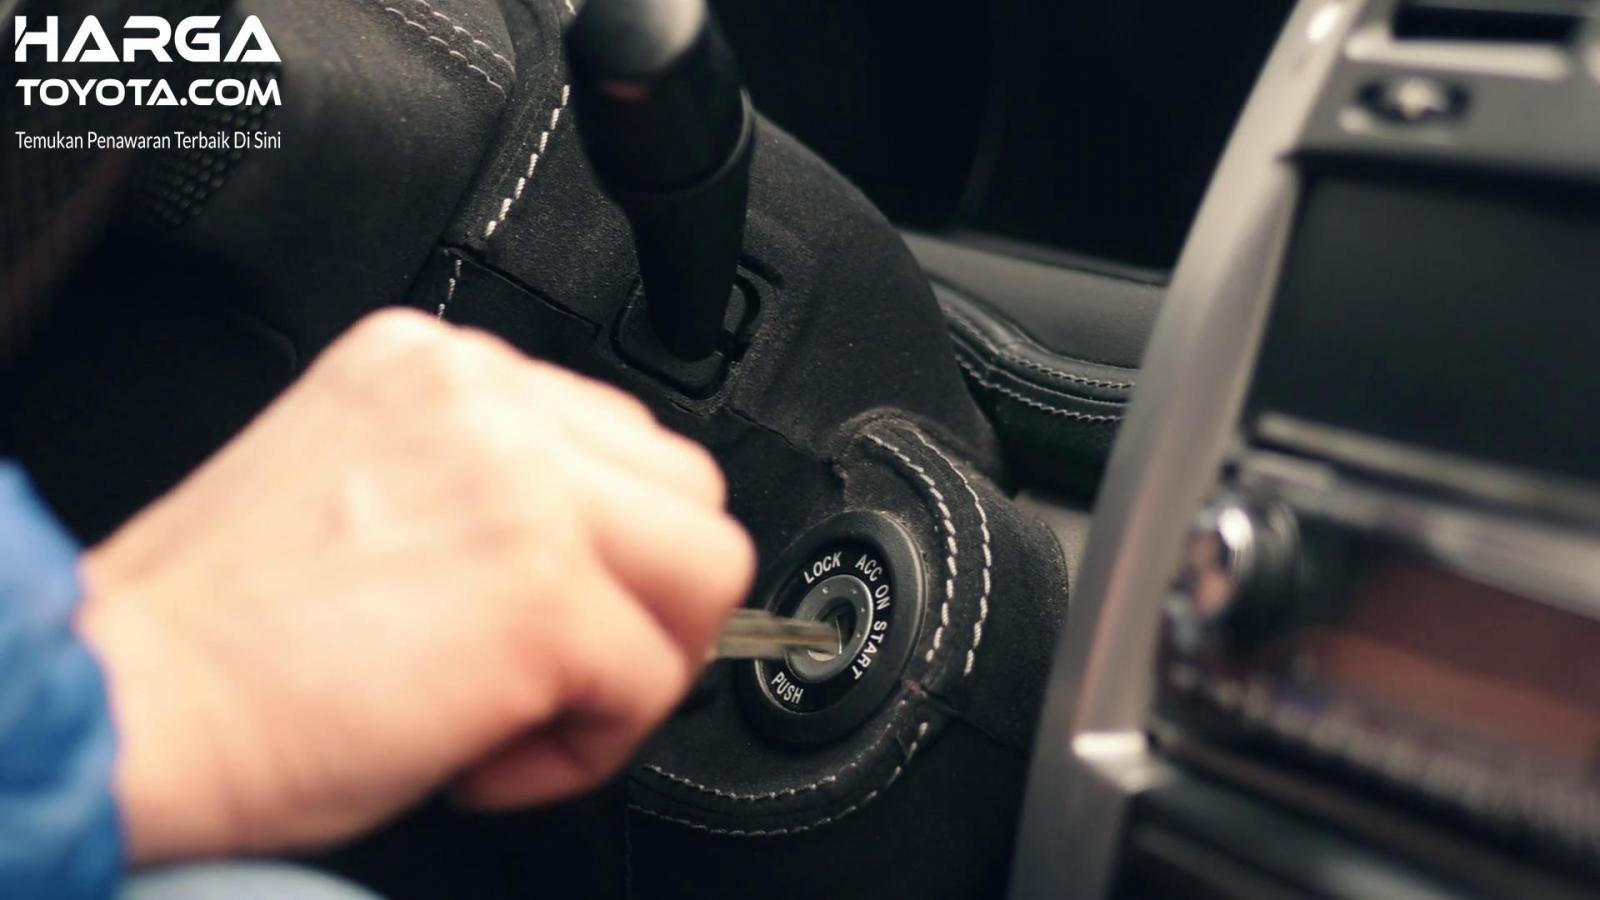 Menghidupkan Mesin Mobil juga ada caranya tersendiri supaya lebih irit bahan bakar